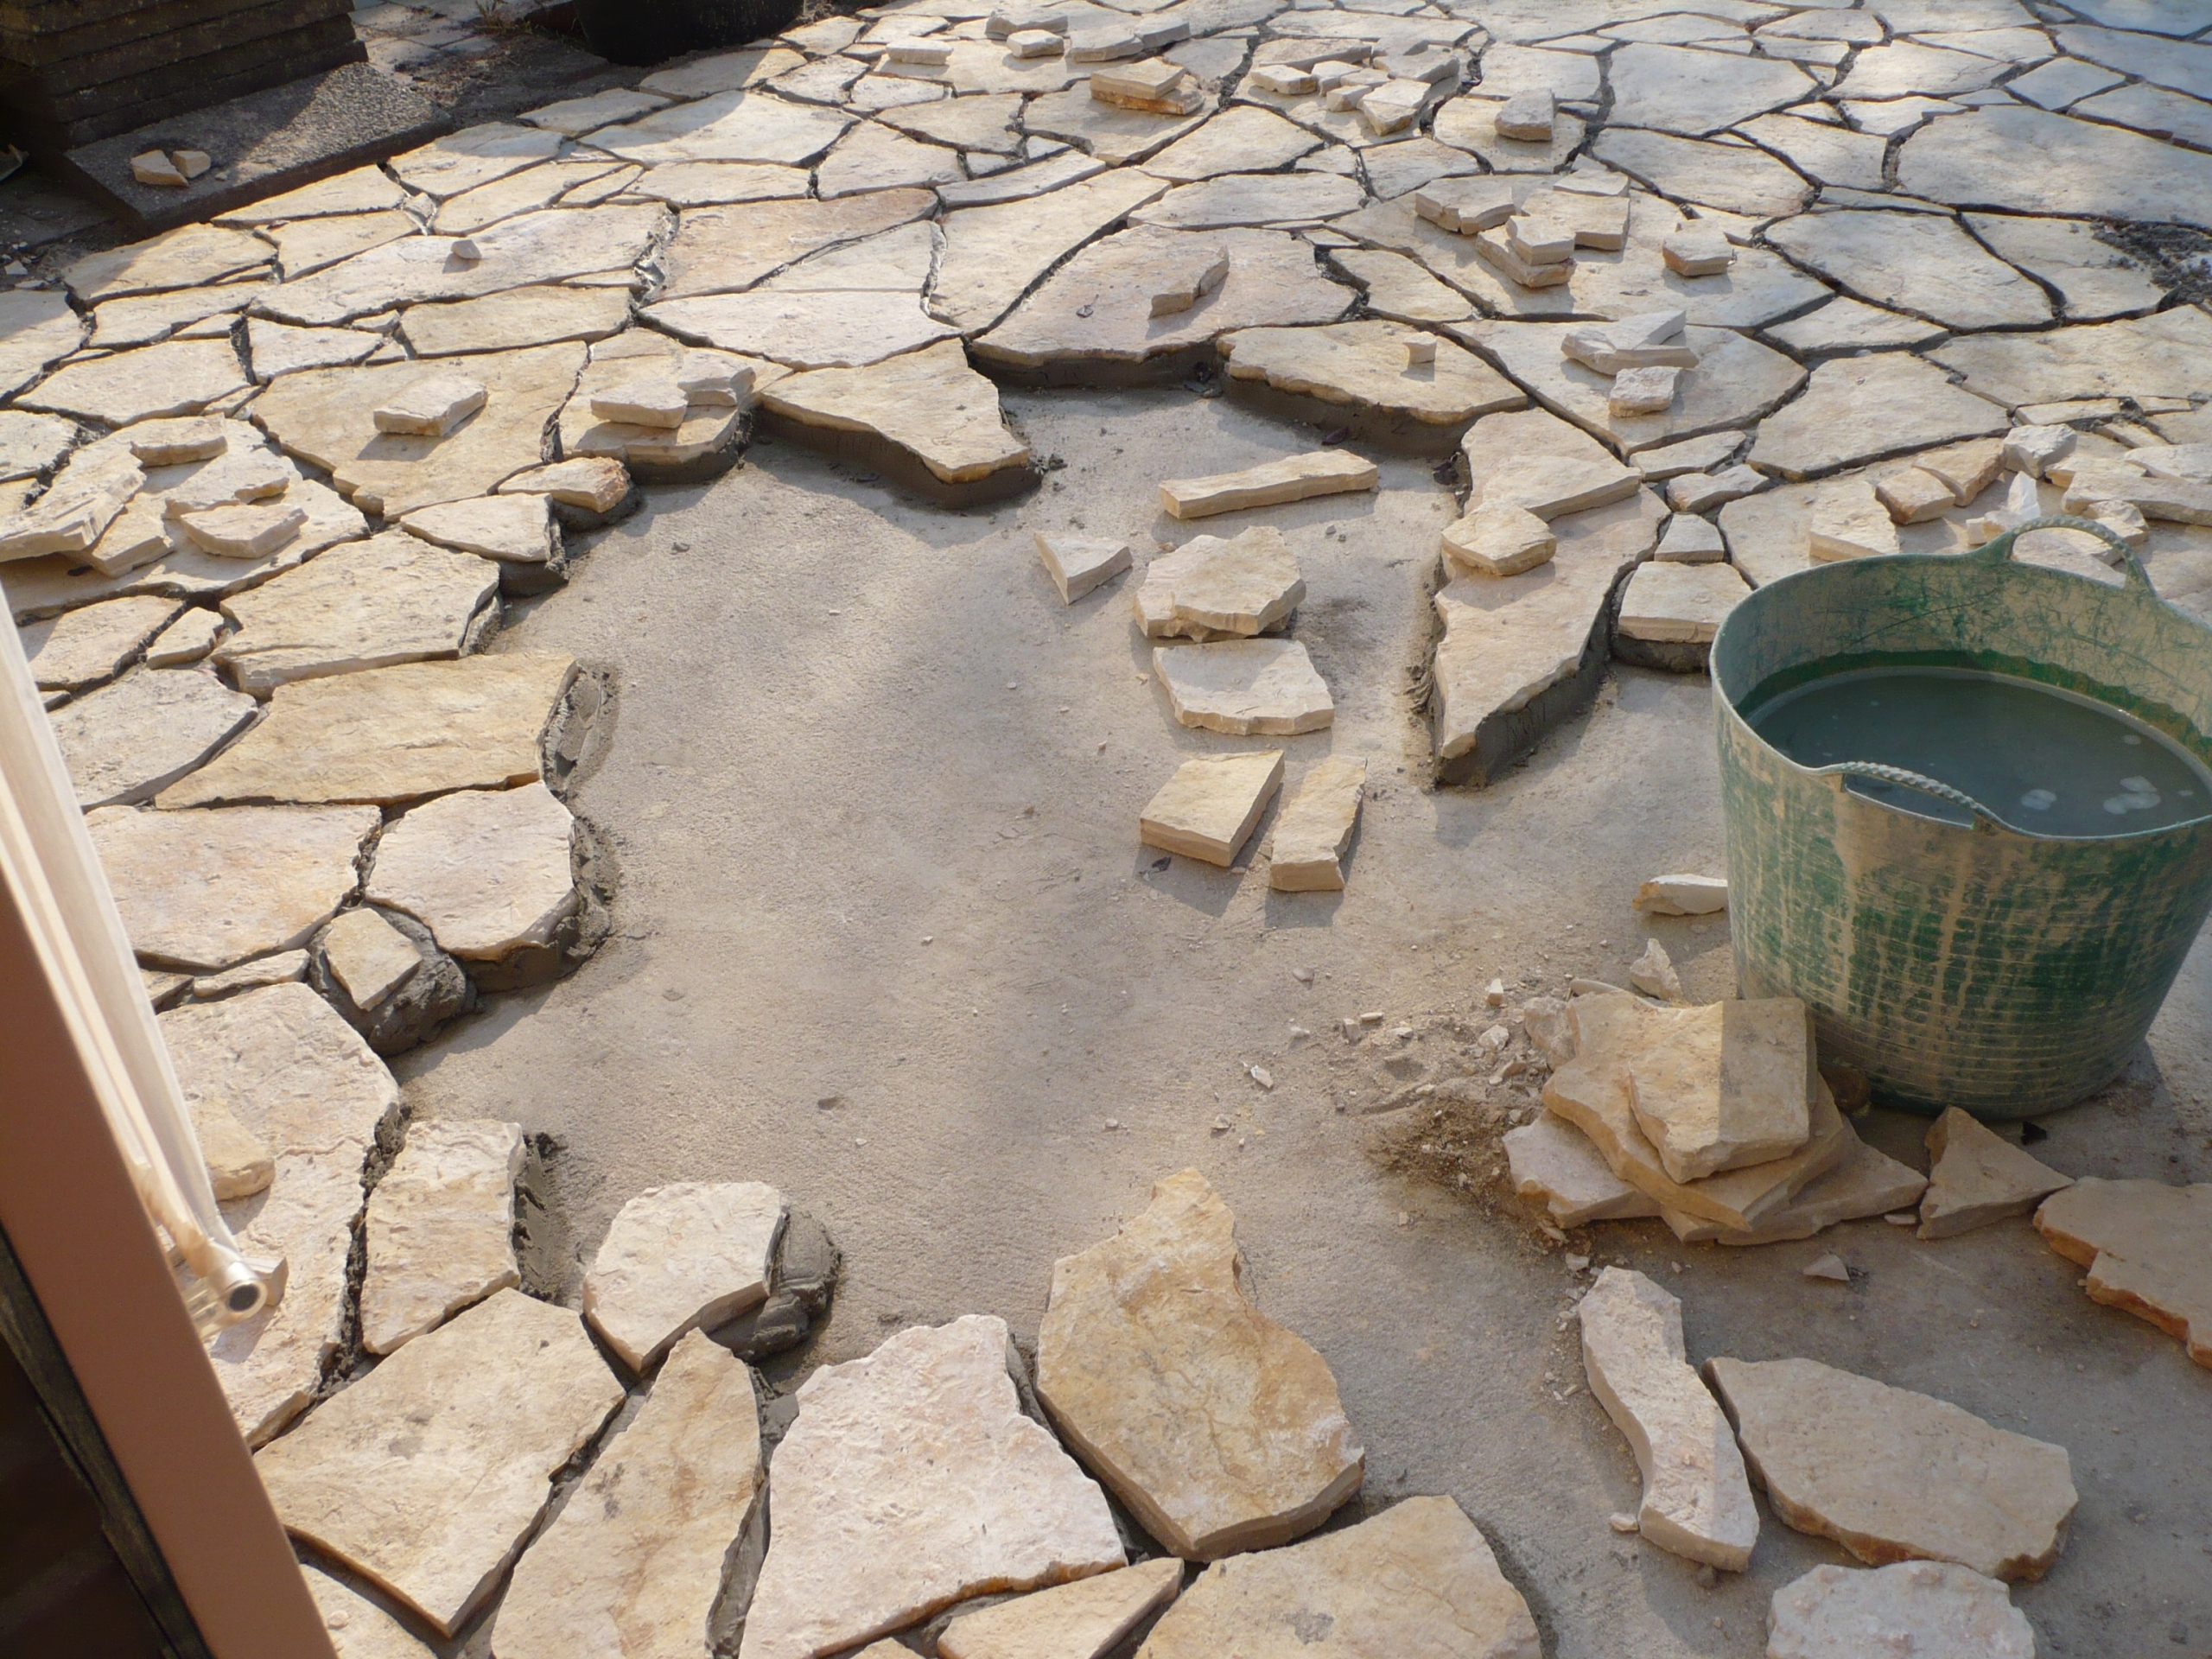 Yellow Saliq Flagstones plaatsen op een terras. De ondergrond moet vlak zijn om het werk goed te kunnen uitvoeren.